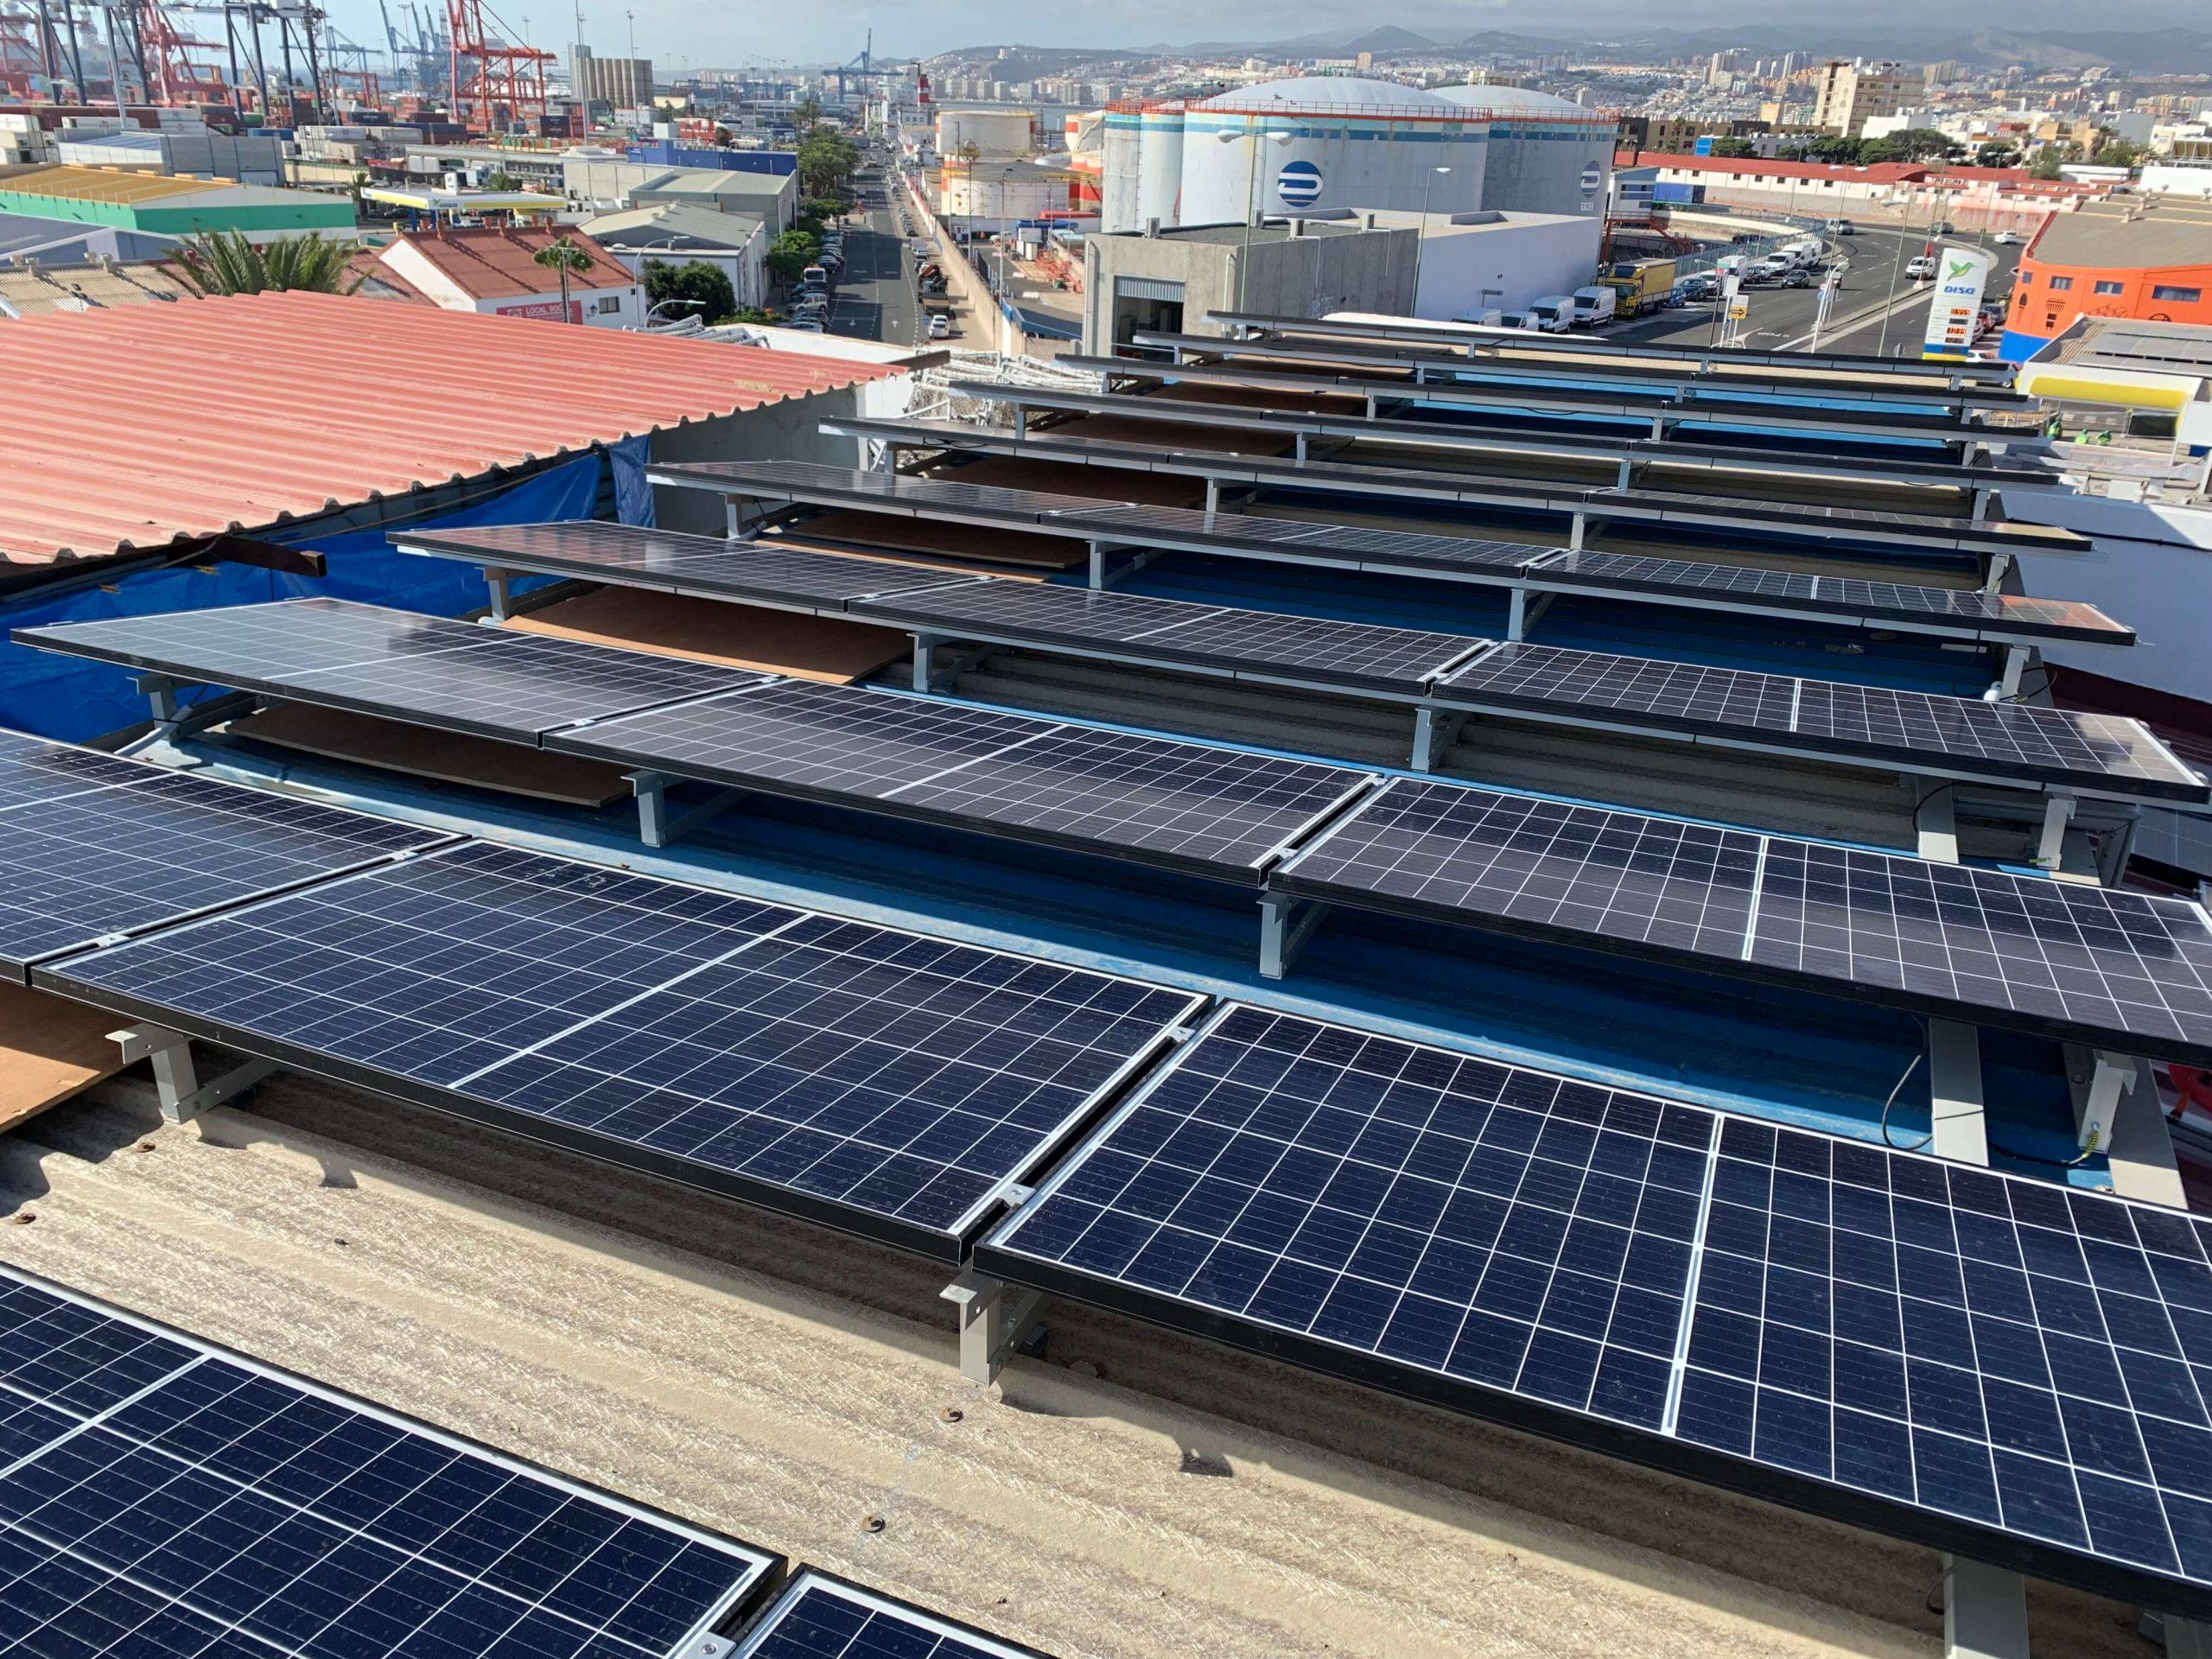 Planta fotovoltaica de 30 kW en régimen de autoconsumo  de energía a almacenista-frigorífico del sector de la distribución de alimentación